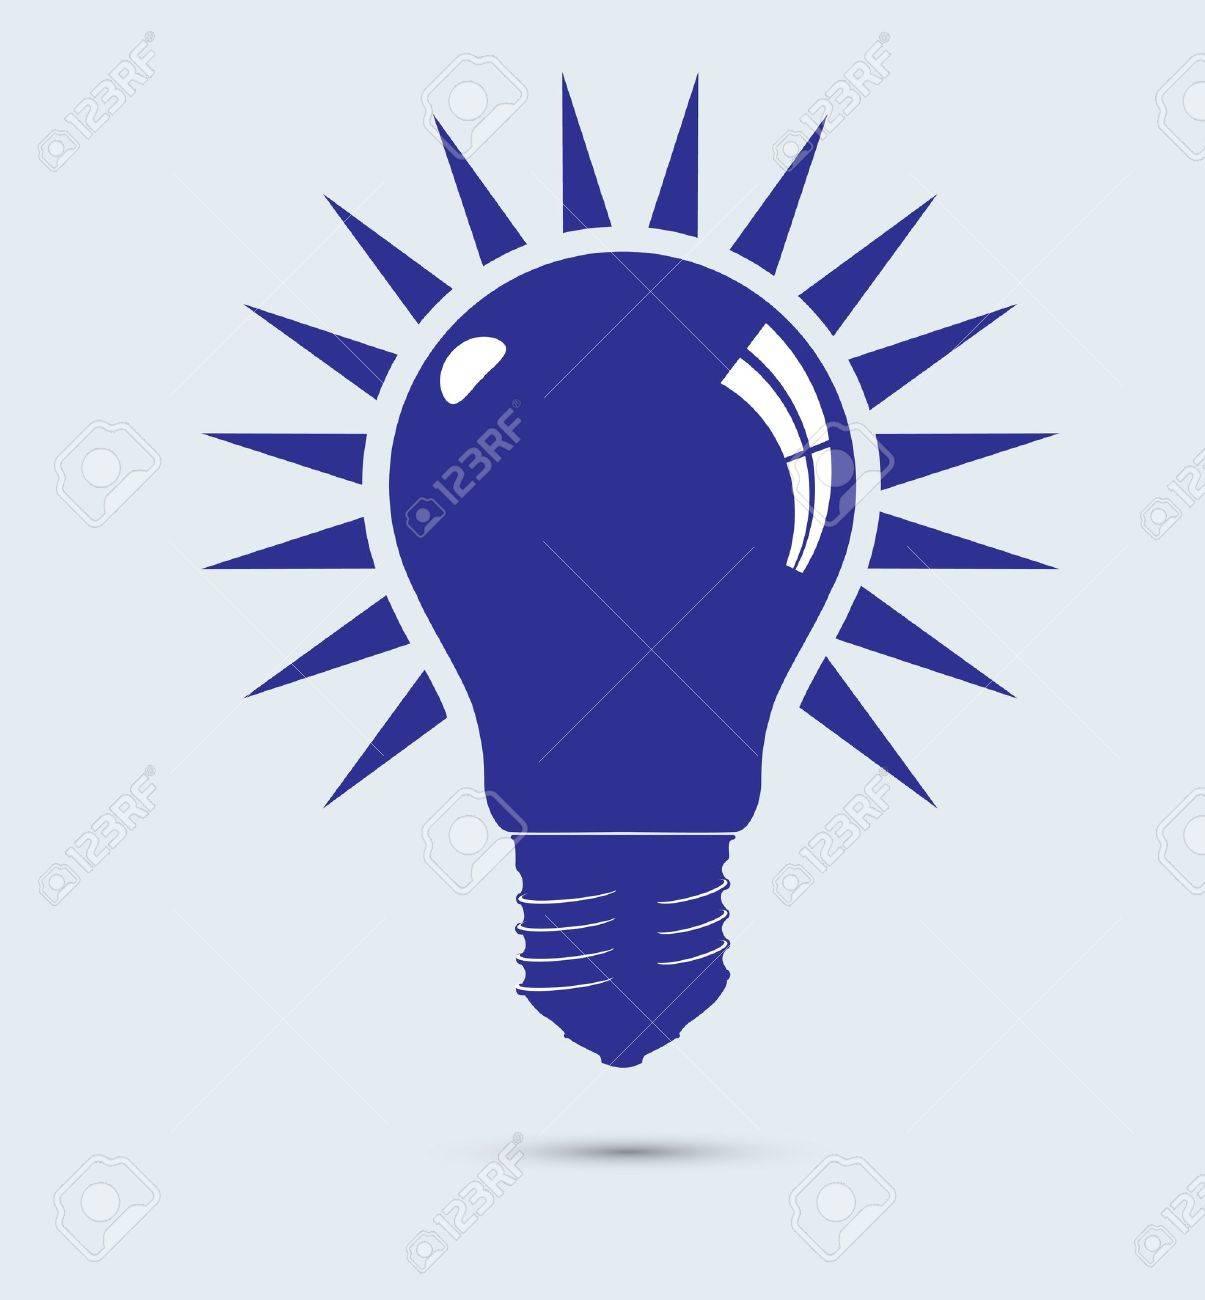 Light blue bulb. Stock Vector - 12046525